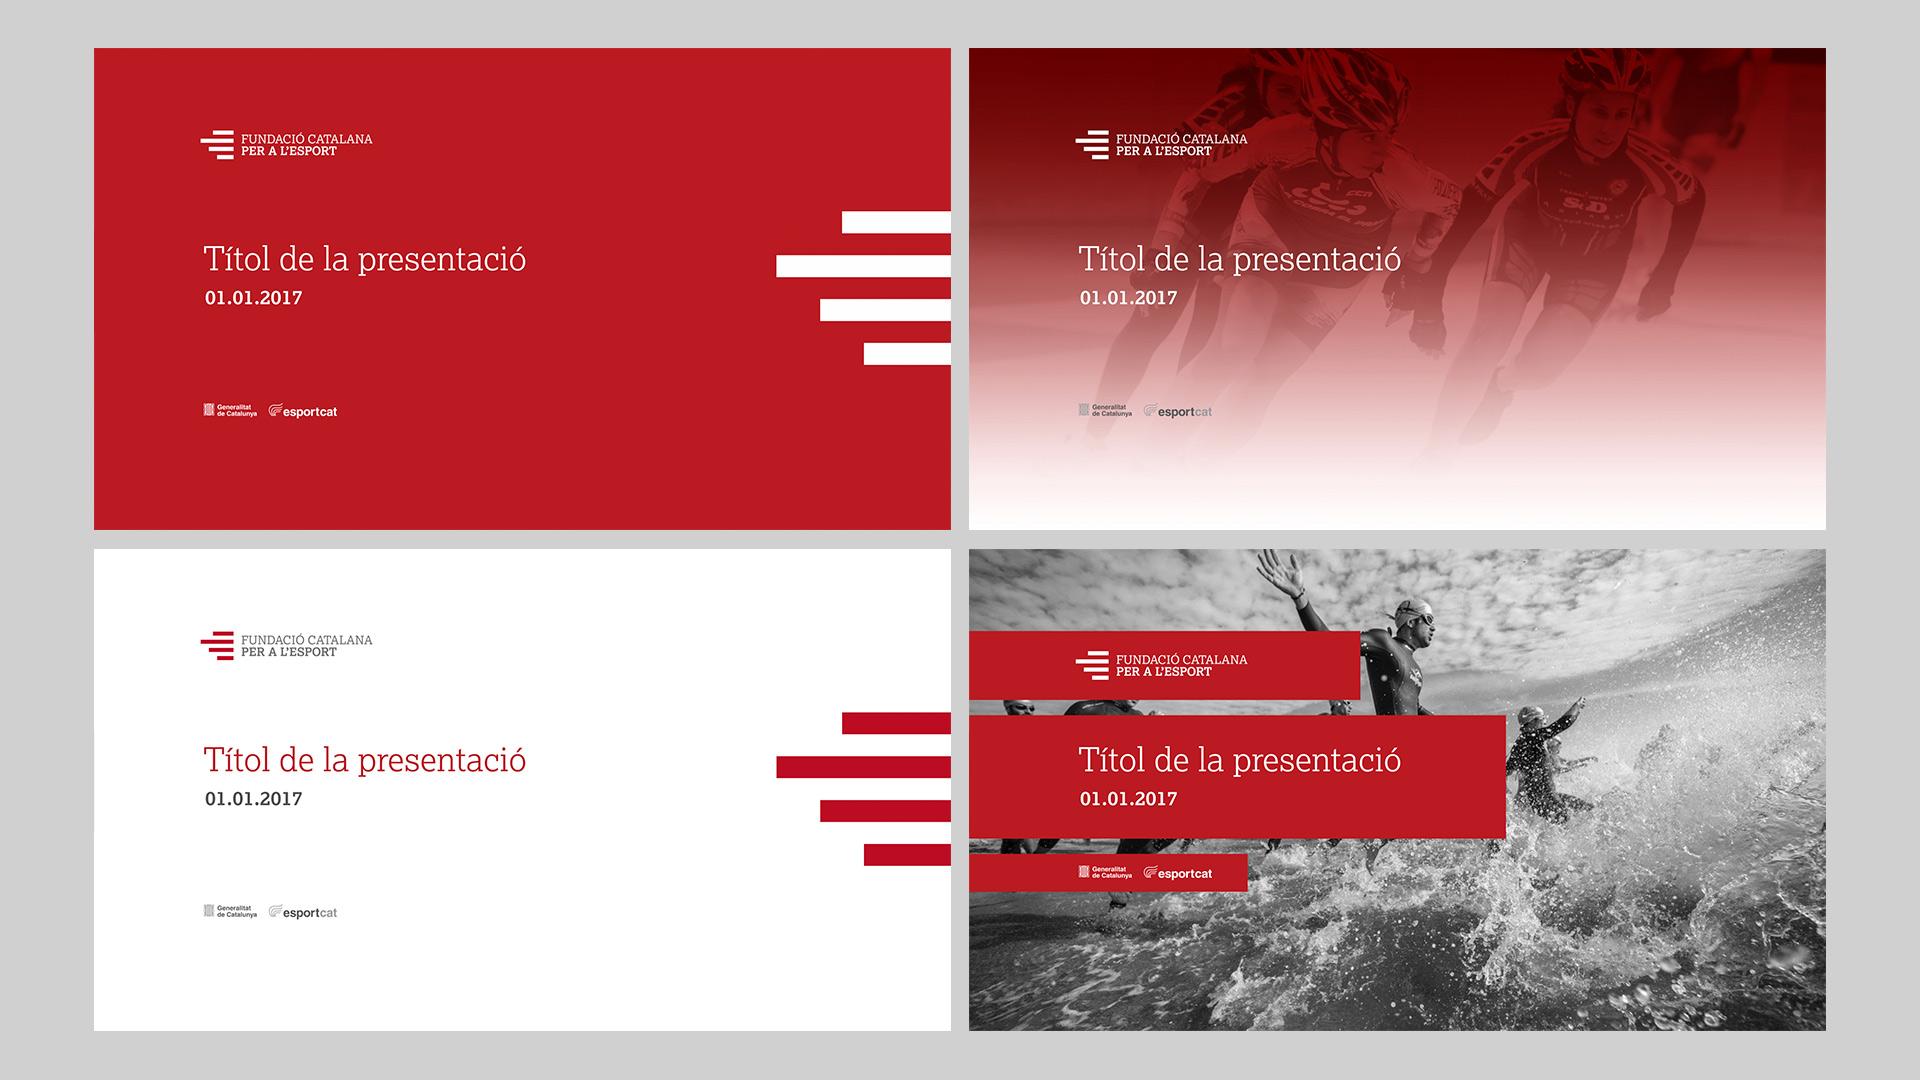 Diseño Marca Identidad corporativa Fundació Catalana per a l'Esport- Keynote